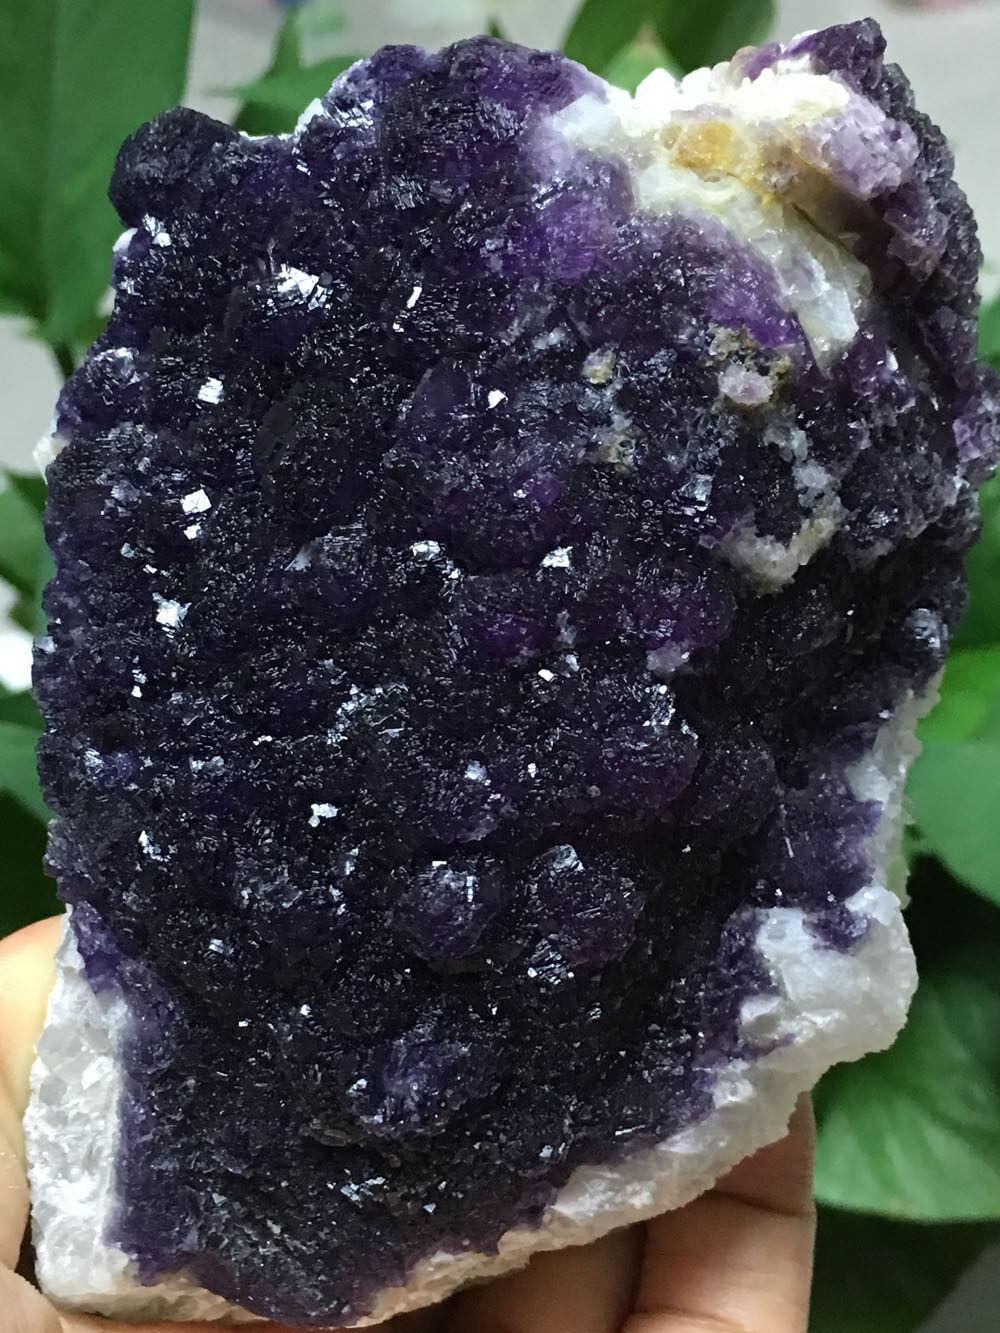 527g Naturale Unico due lati campioni di minerali pietre di cristallo di Fluorite fluorite Viola e Verde527g Naturale Unico due lati campioni di minerali pietre di cristallo di Fluorite fluorite Viola e Verde